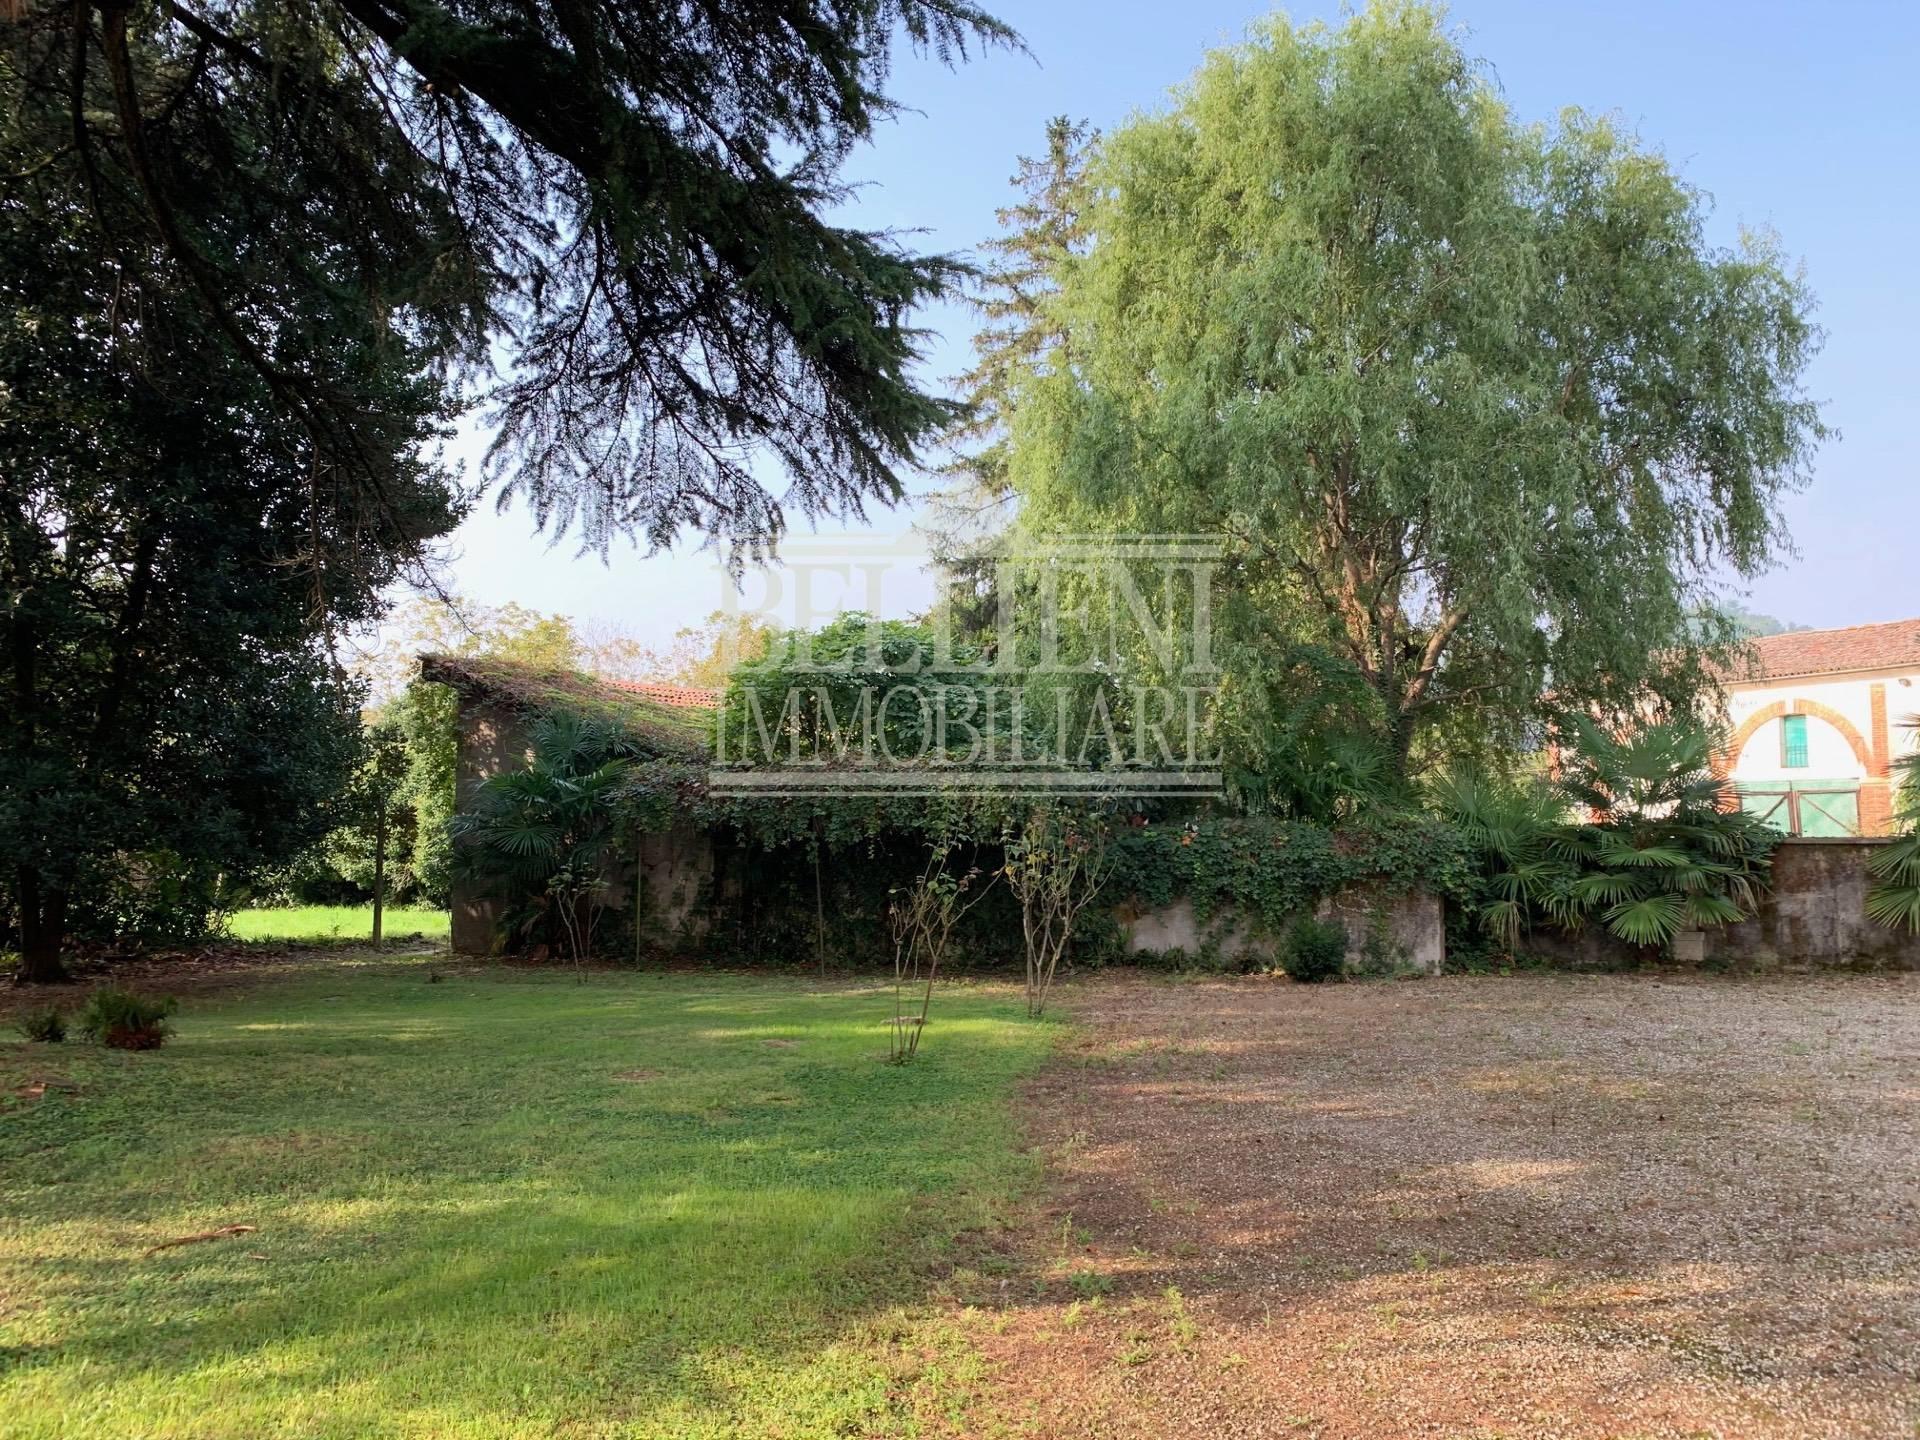 Villa a Schiera in vendita a Vicenza, 5 locali, zona Località: PortaLupia-Eretenia-SsApostoli-SanSilvestro, prezzo € 160.000 | CambioCasa.it